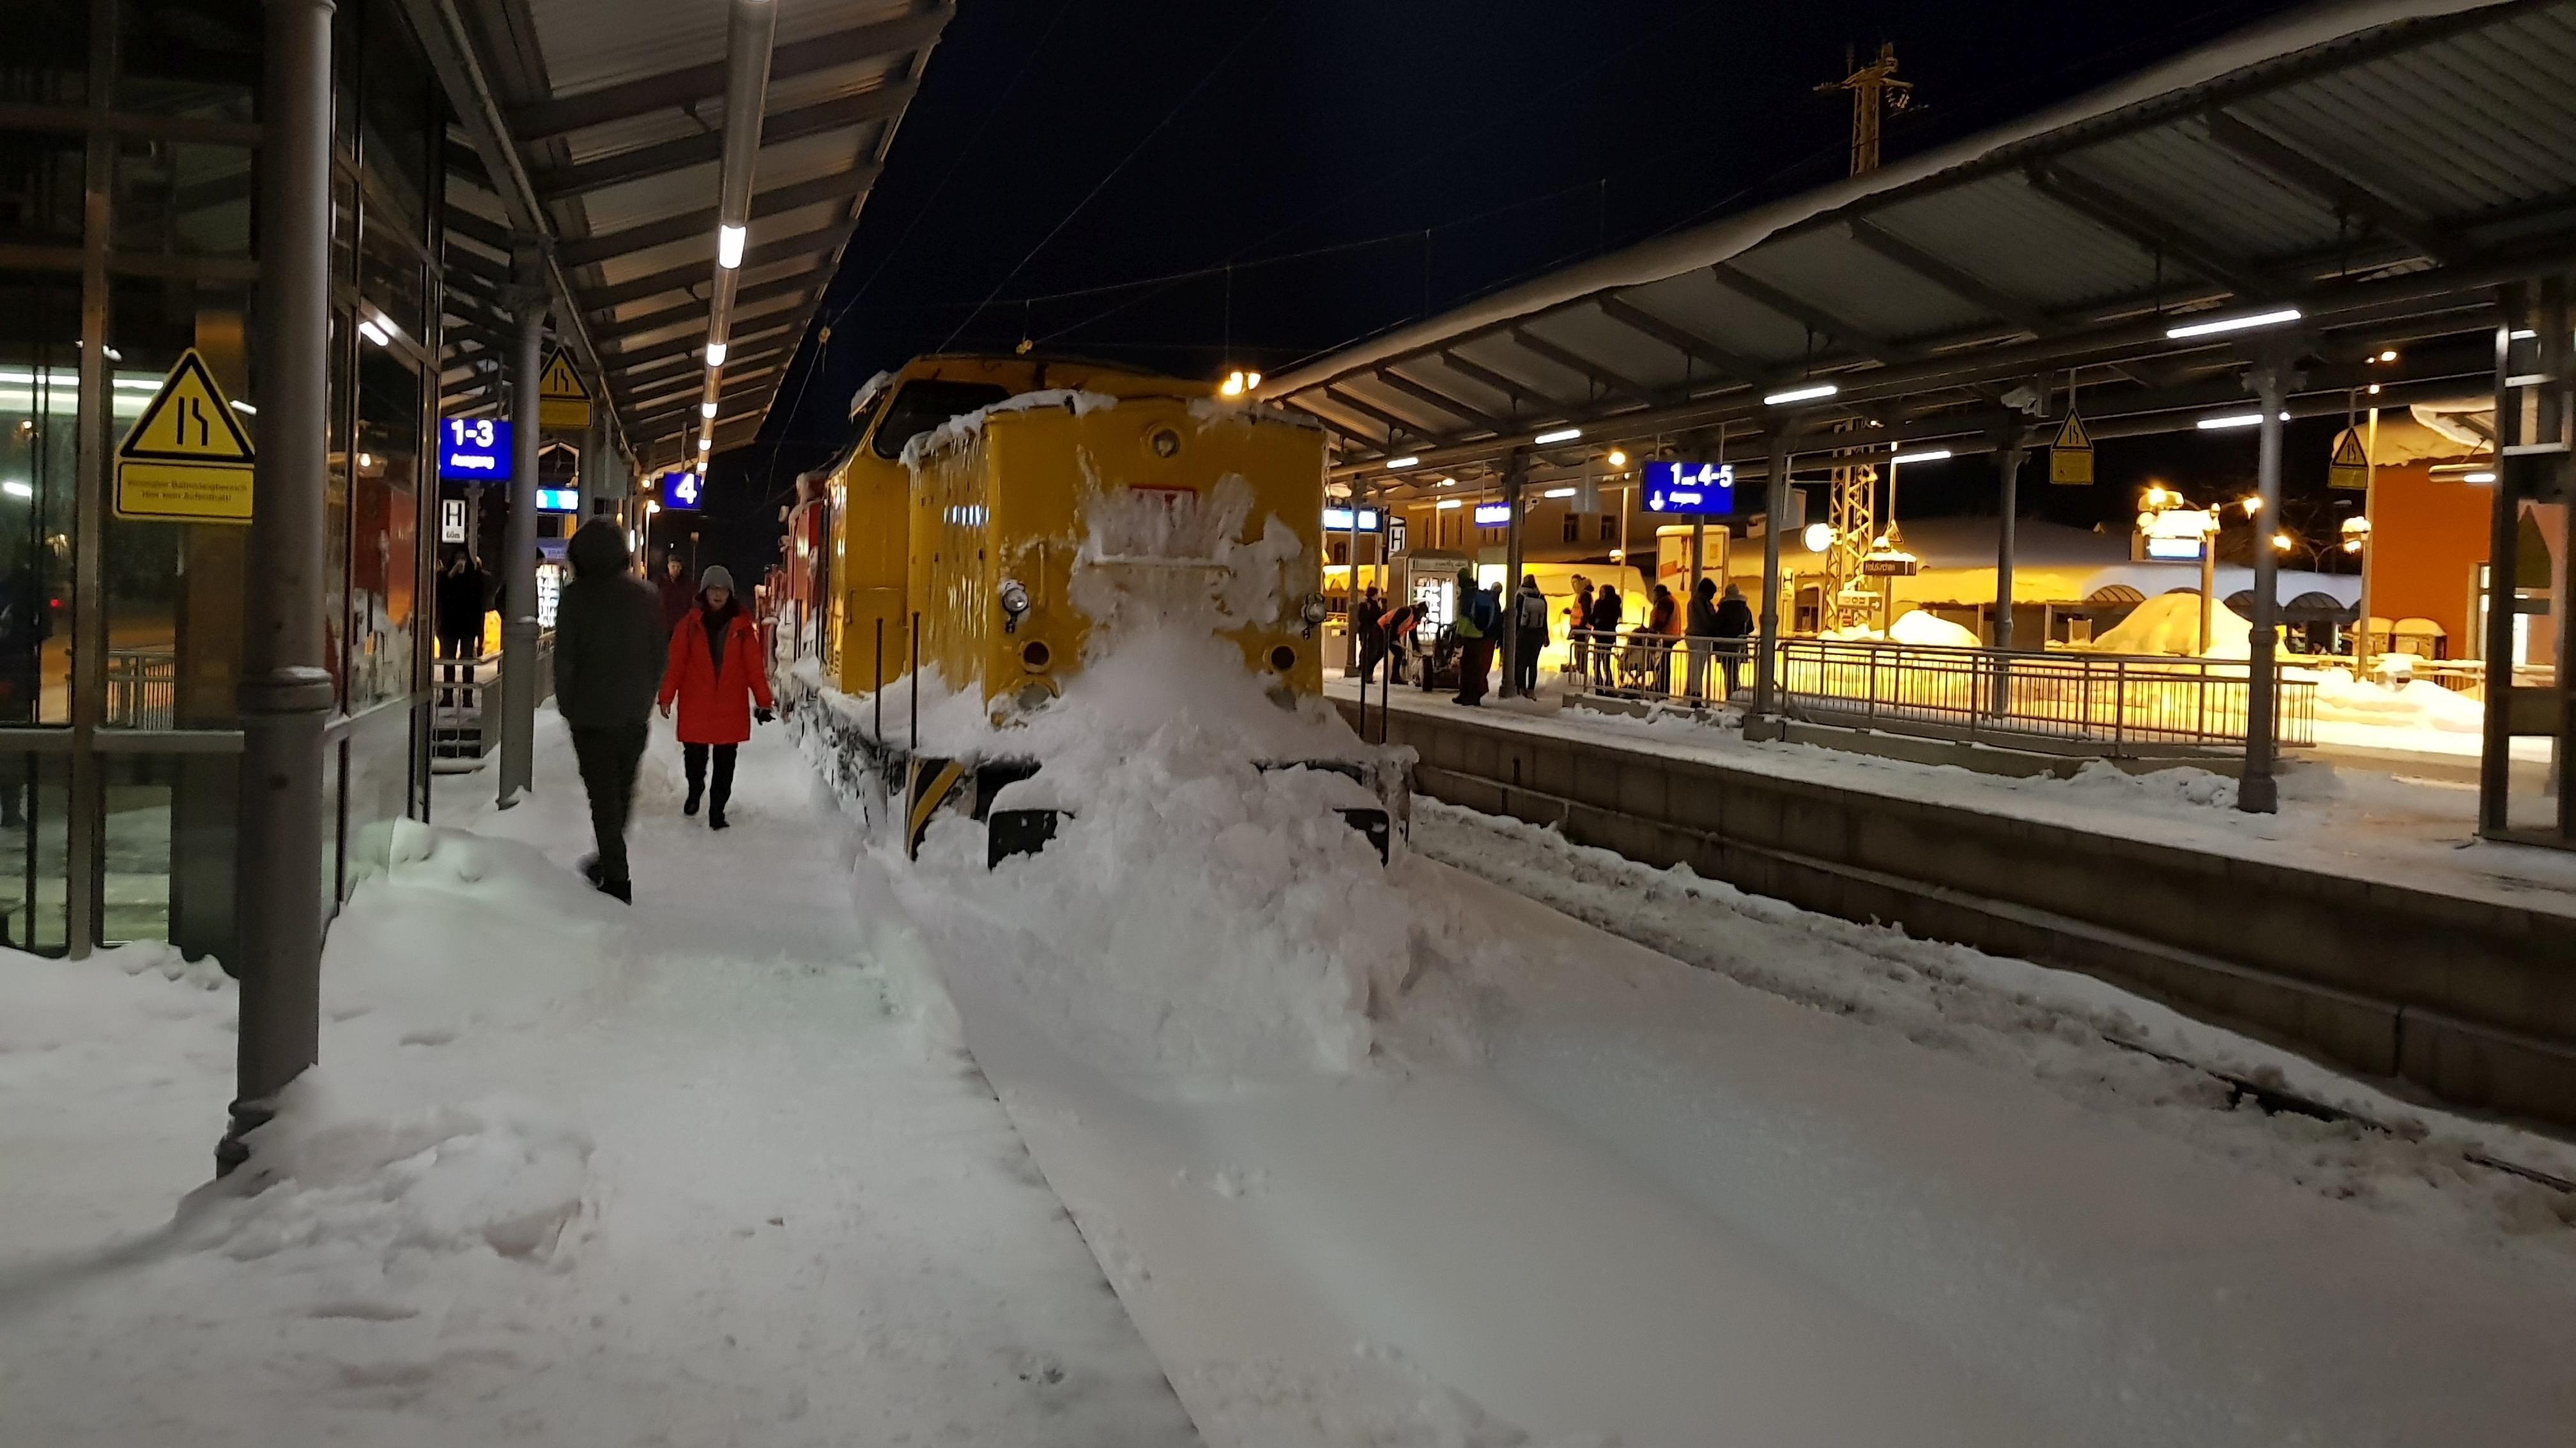 Lok des Schneepflugs von DB Netz im Bahnhof Holzkirchen